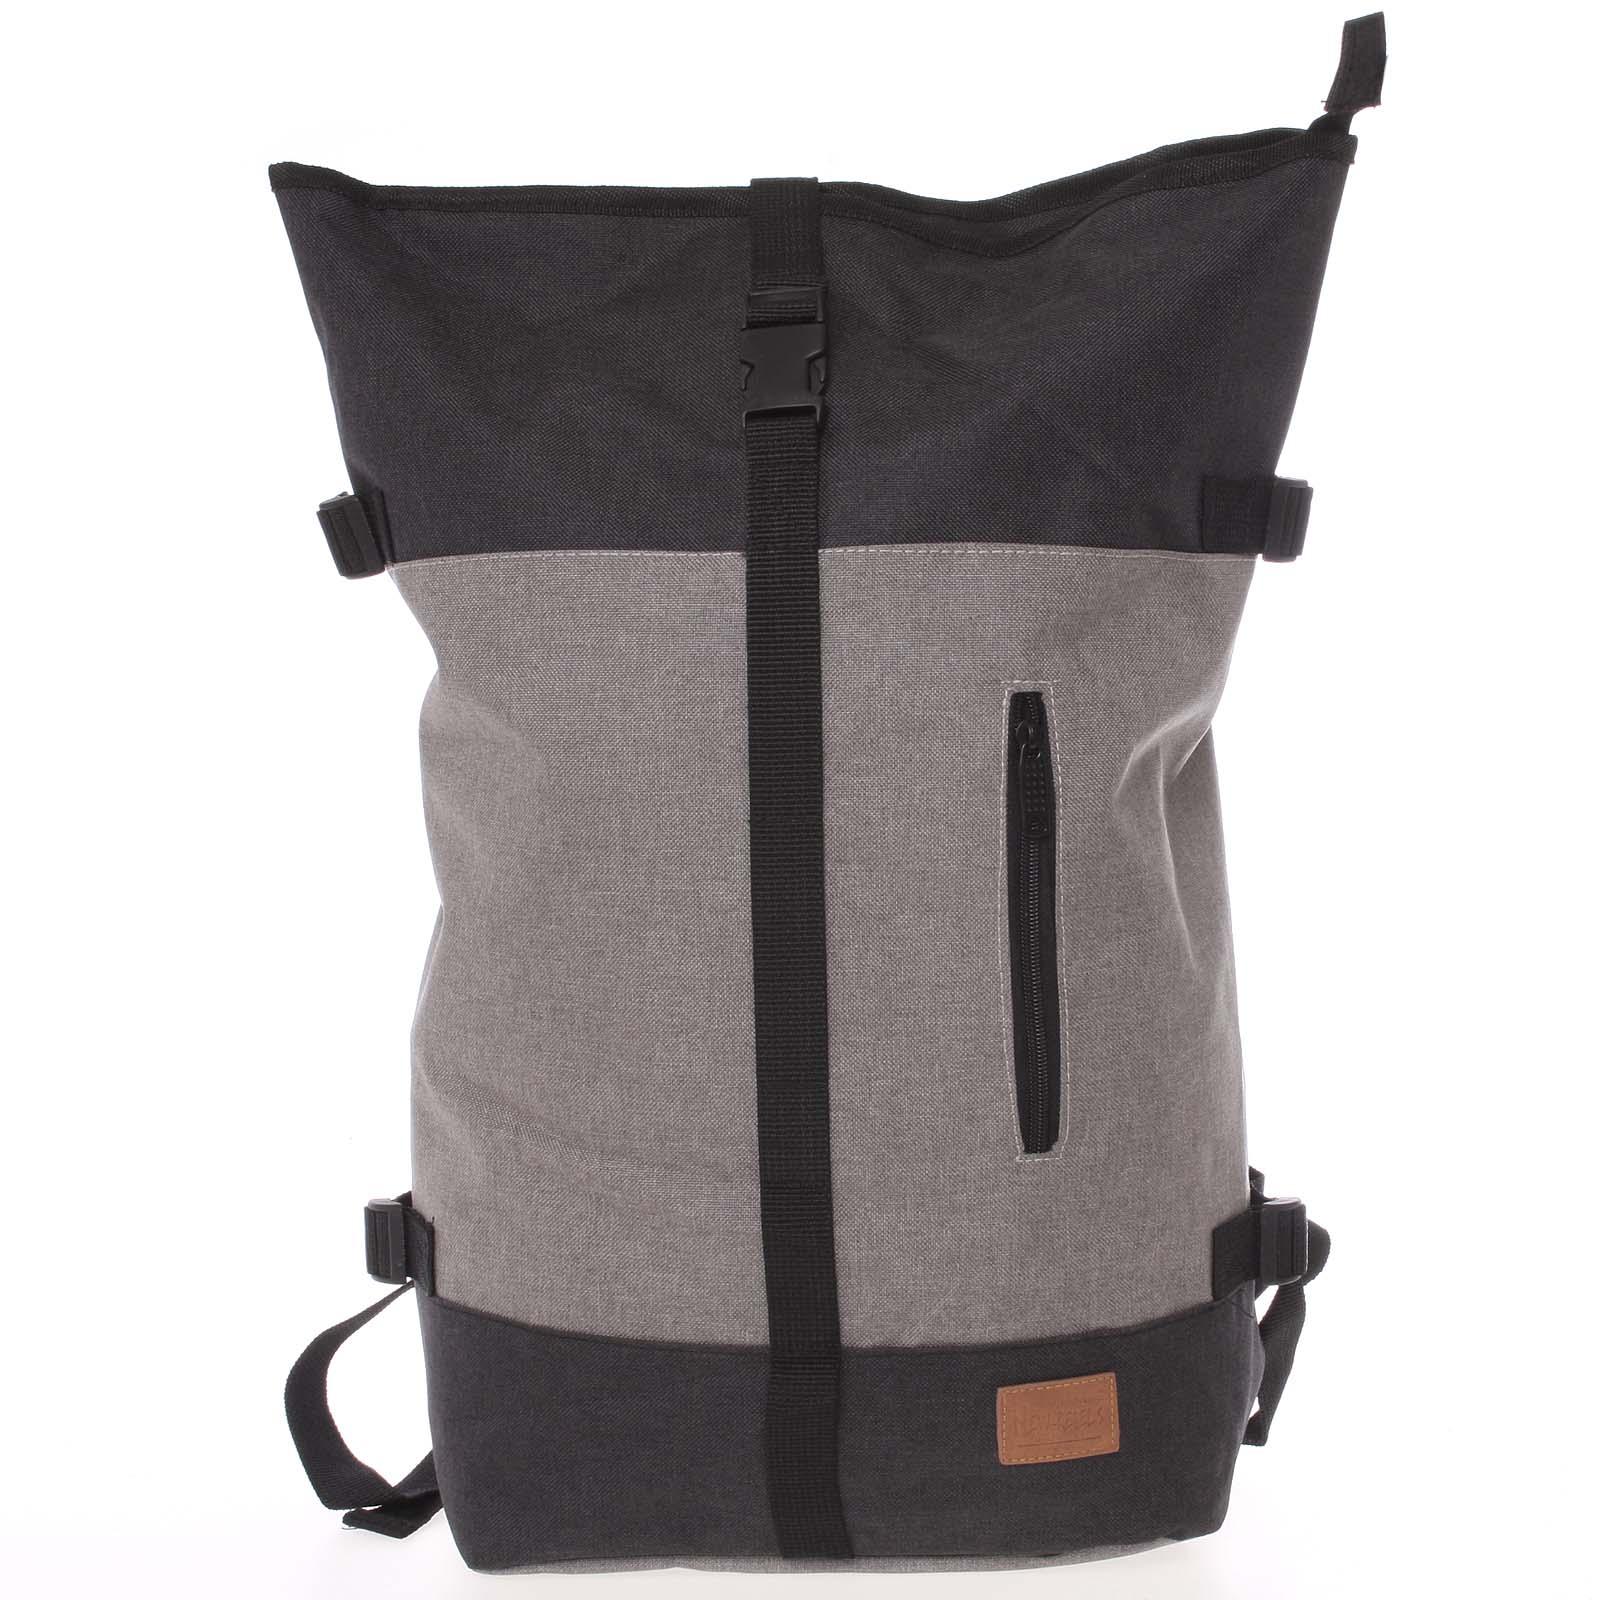 Jedinečný velký stylový unisex batoh šedočerný - New Rebels Rebback